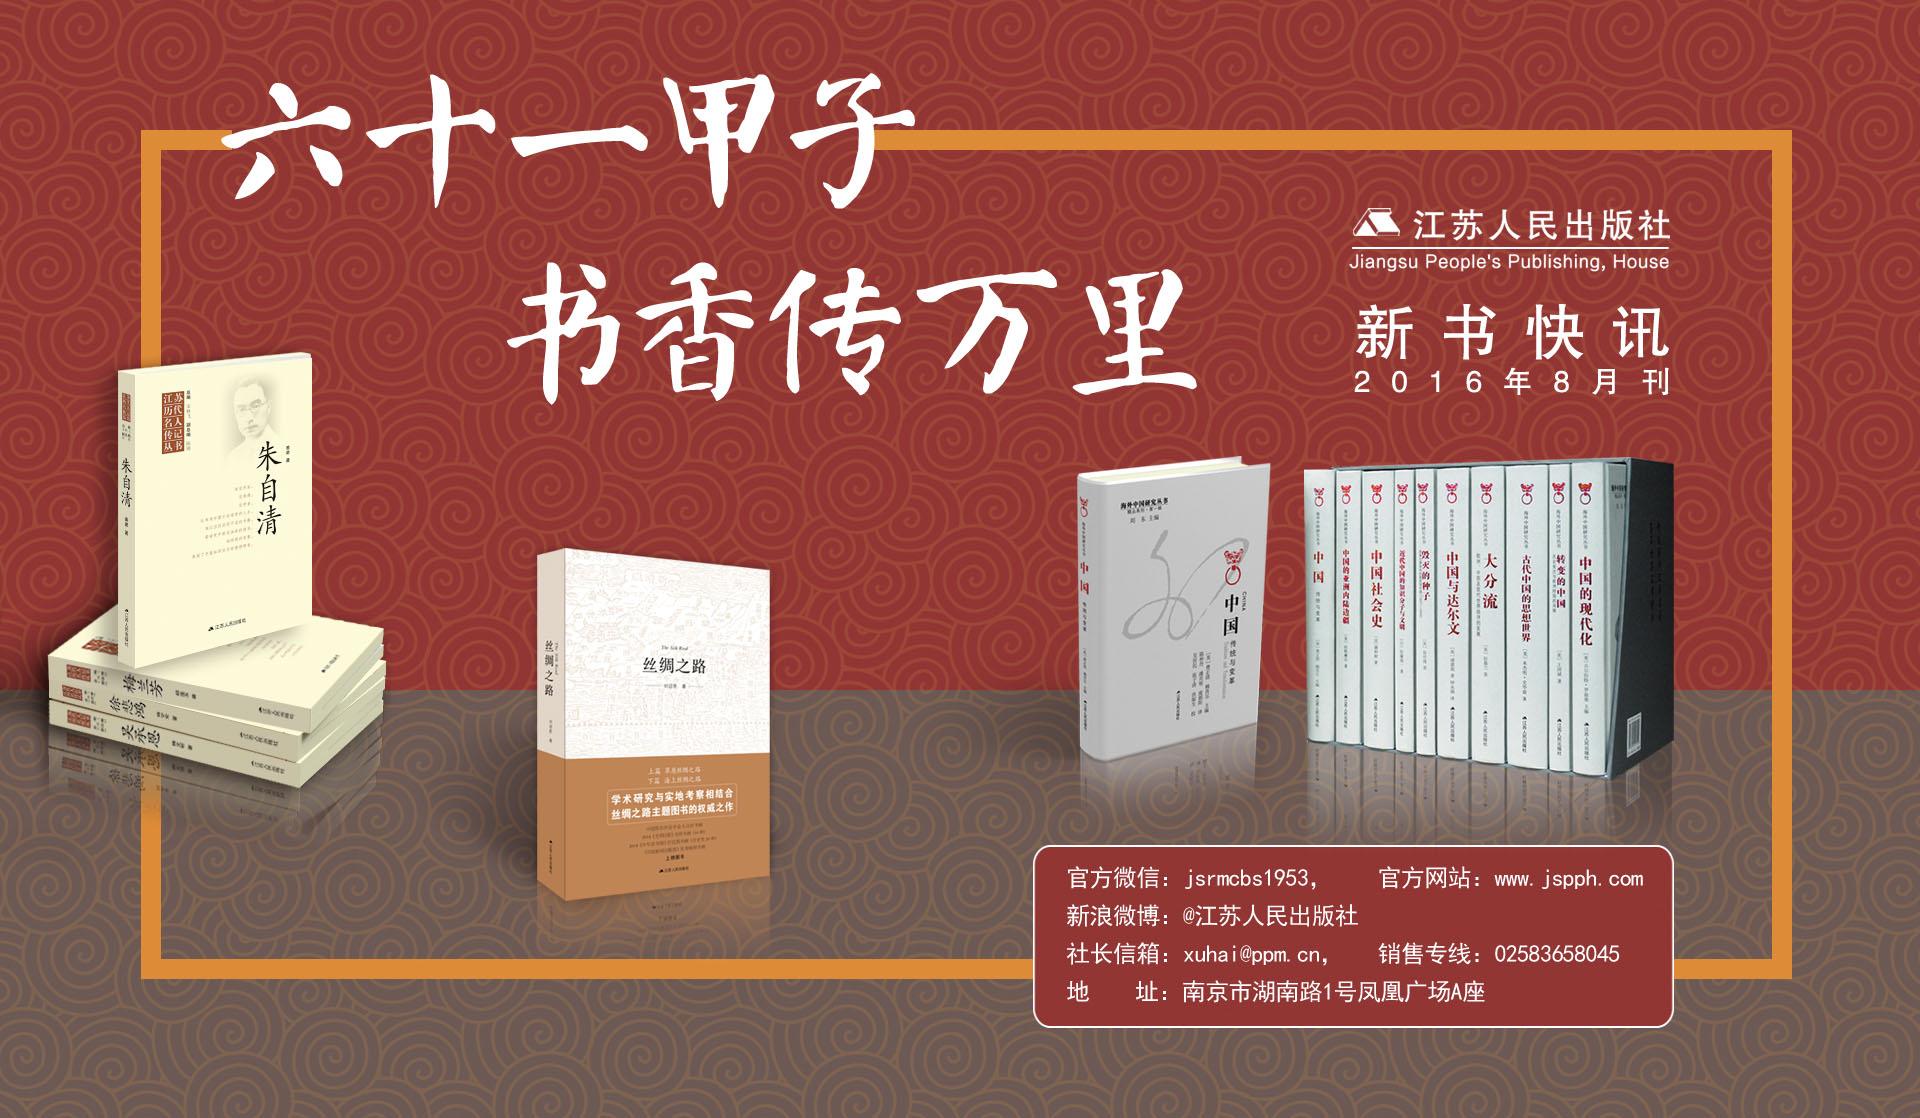 六十一甲子,书香传万里——江苏人民出版社新书推荐